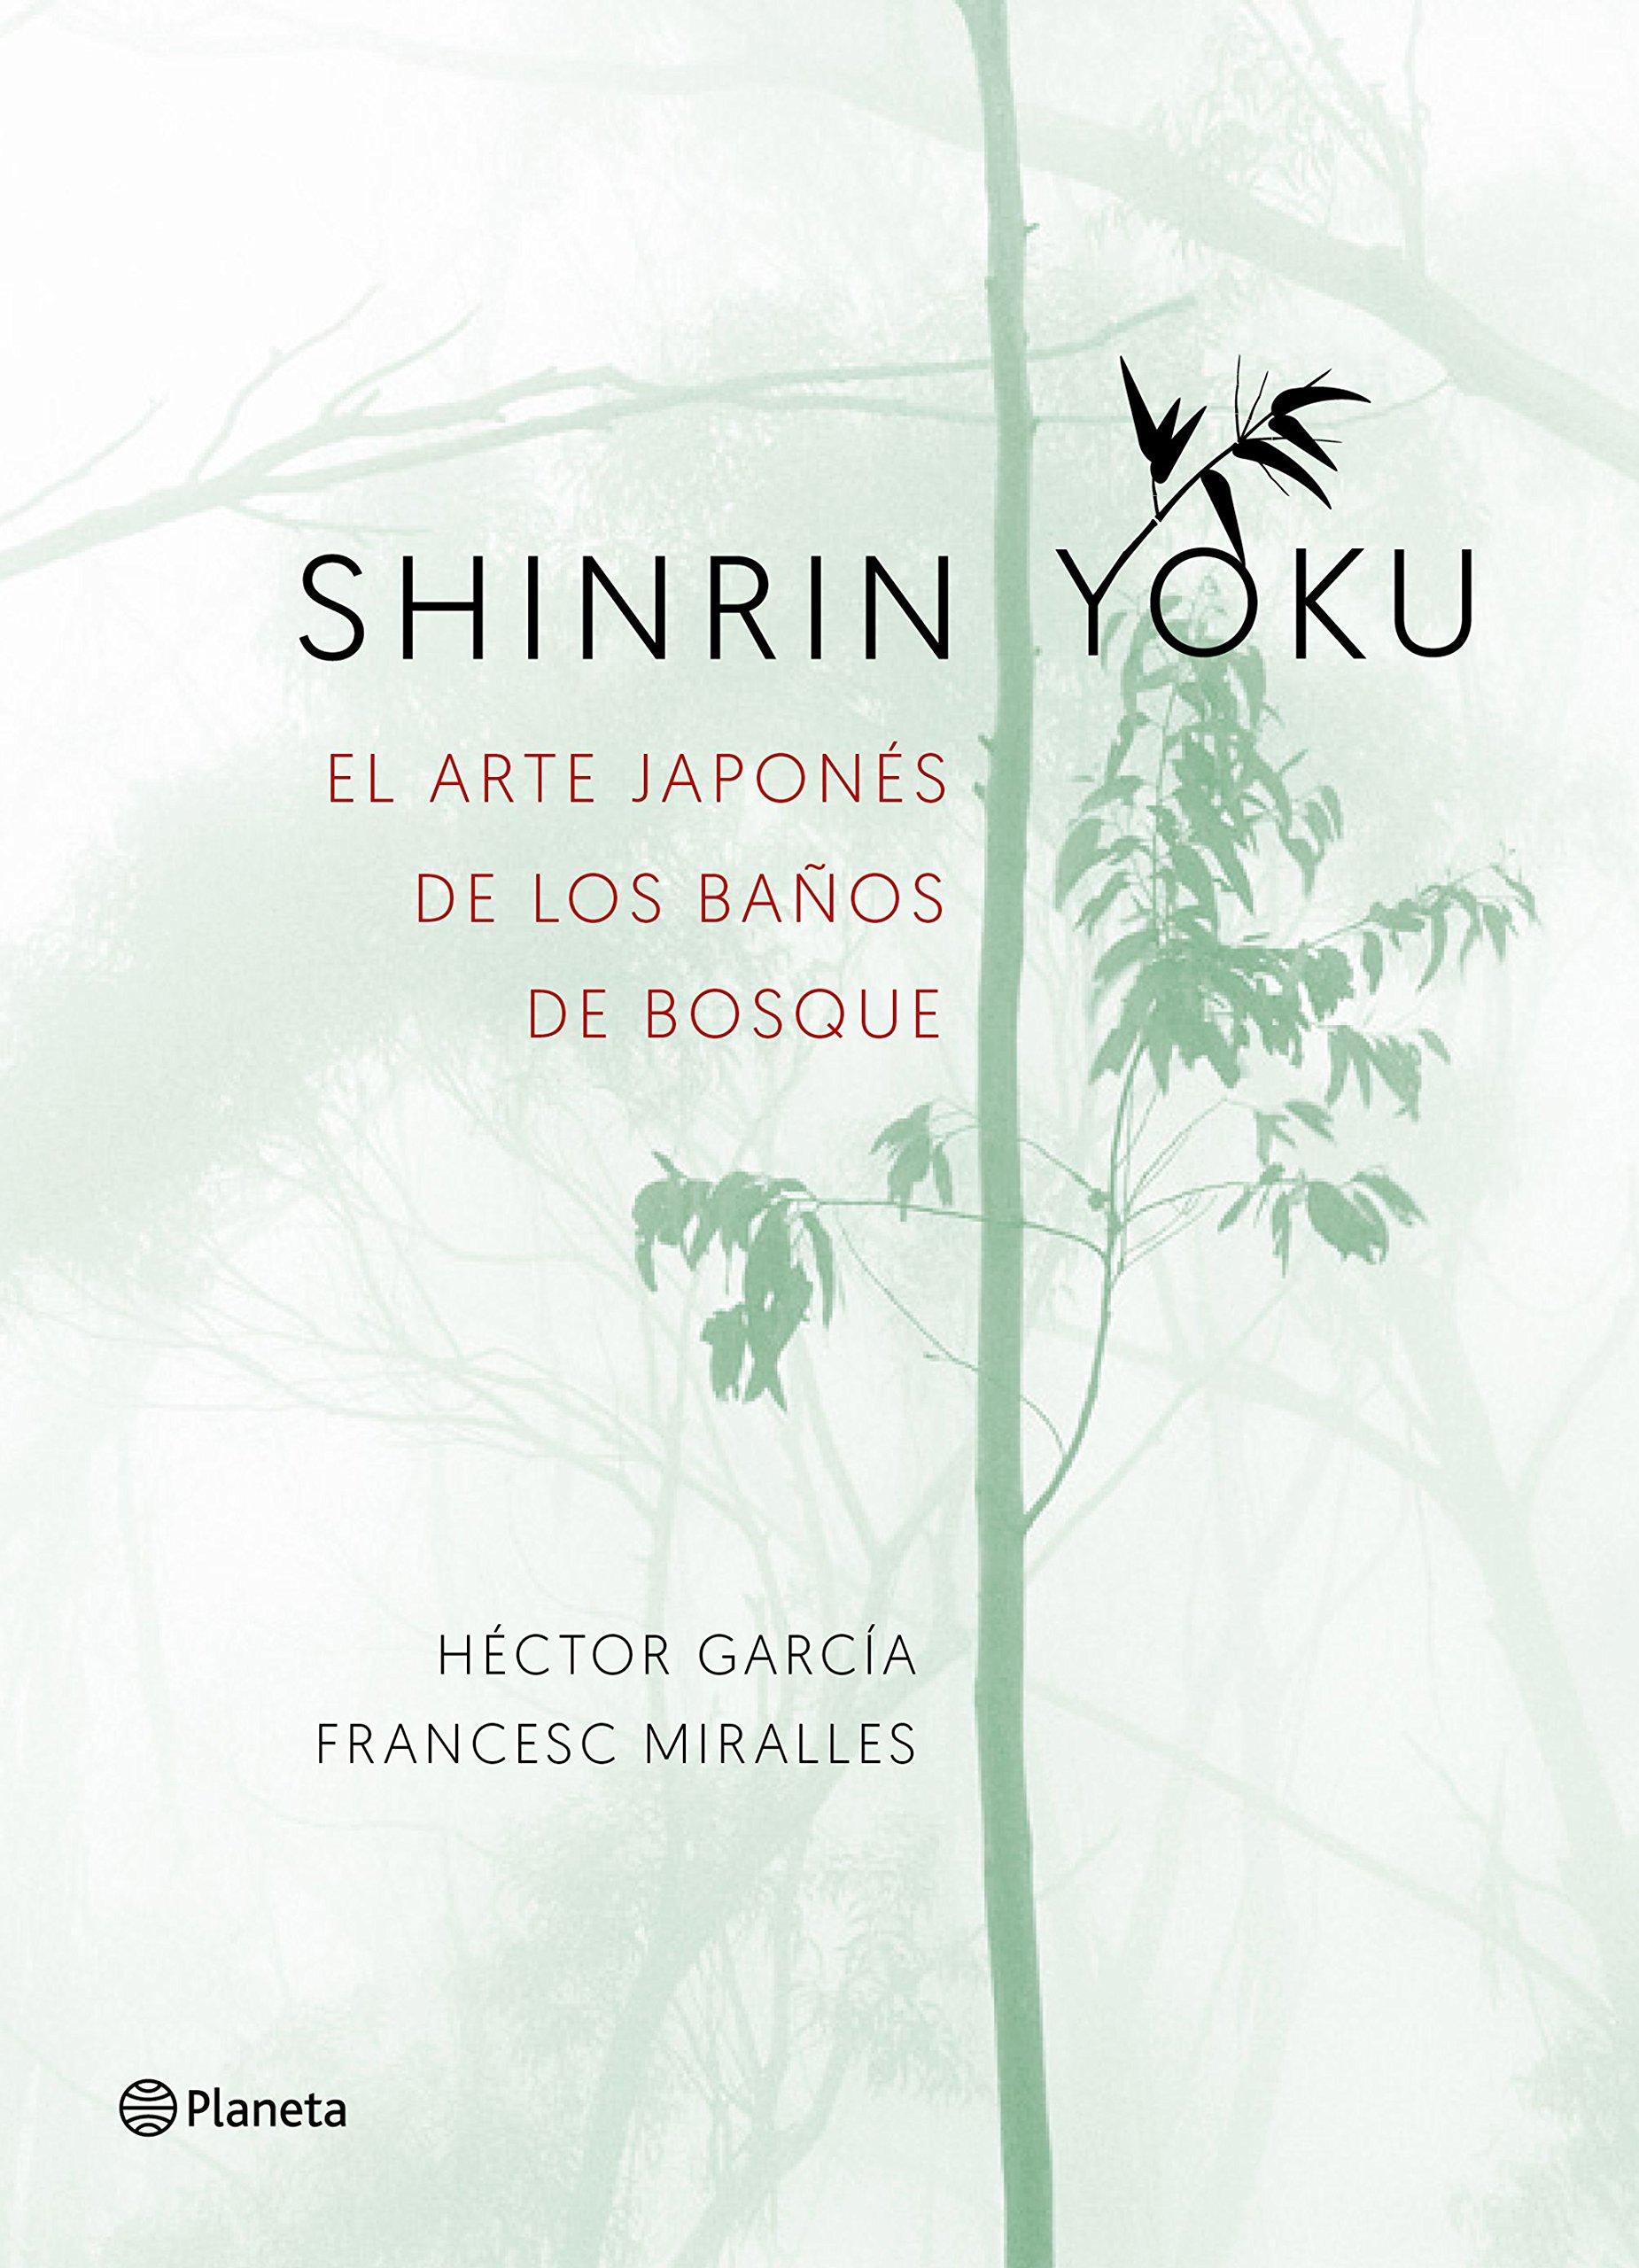 Shinrin-yoku. El arte japonés de los baños de bosque No Ficción: Amazon.es:  Héctor García, Francesc Miralles: Libros